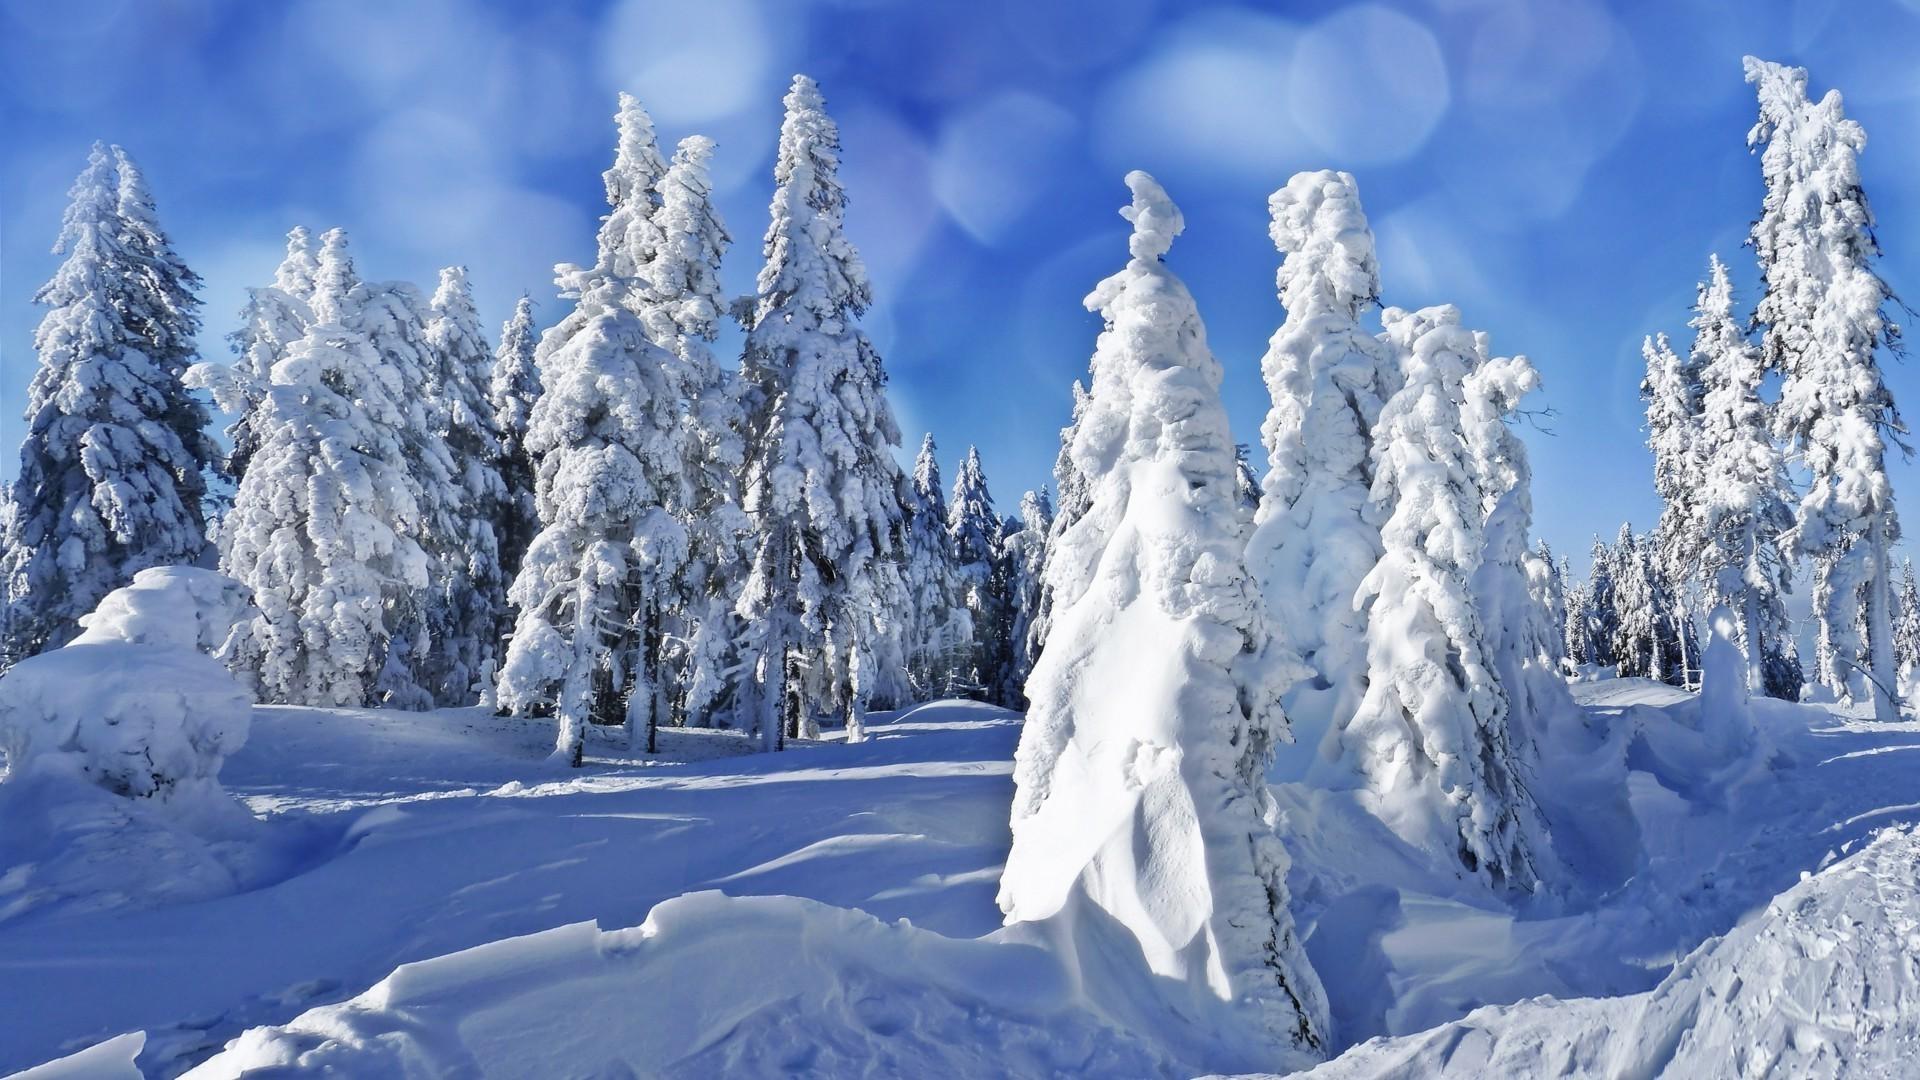 фотообои на рабочий стол широкоформатные зима мелирование один